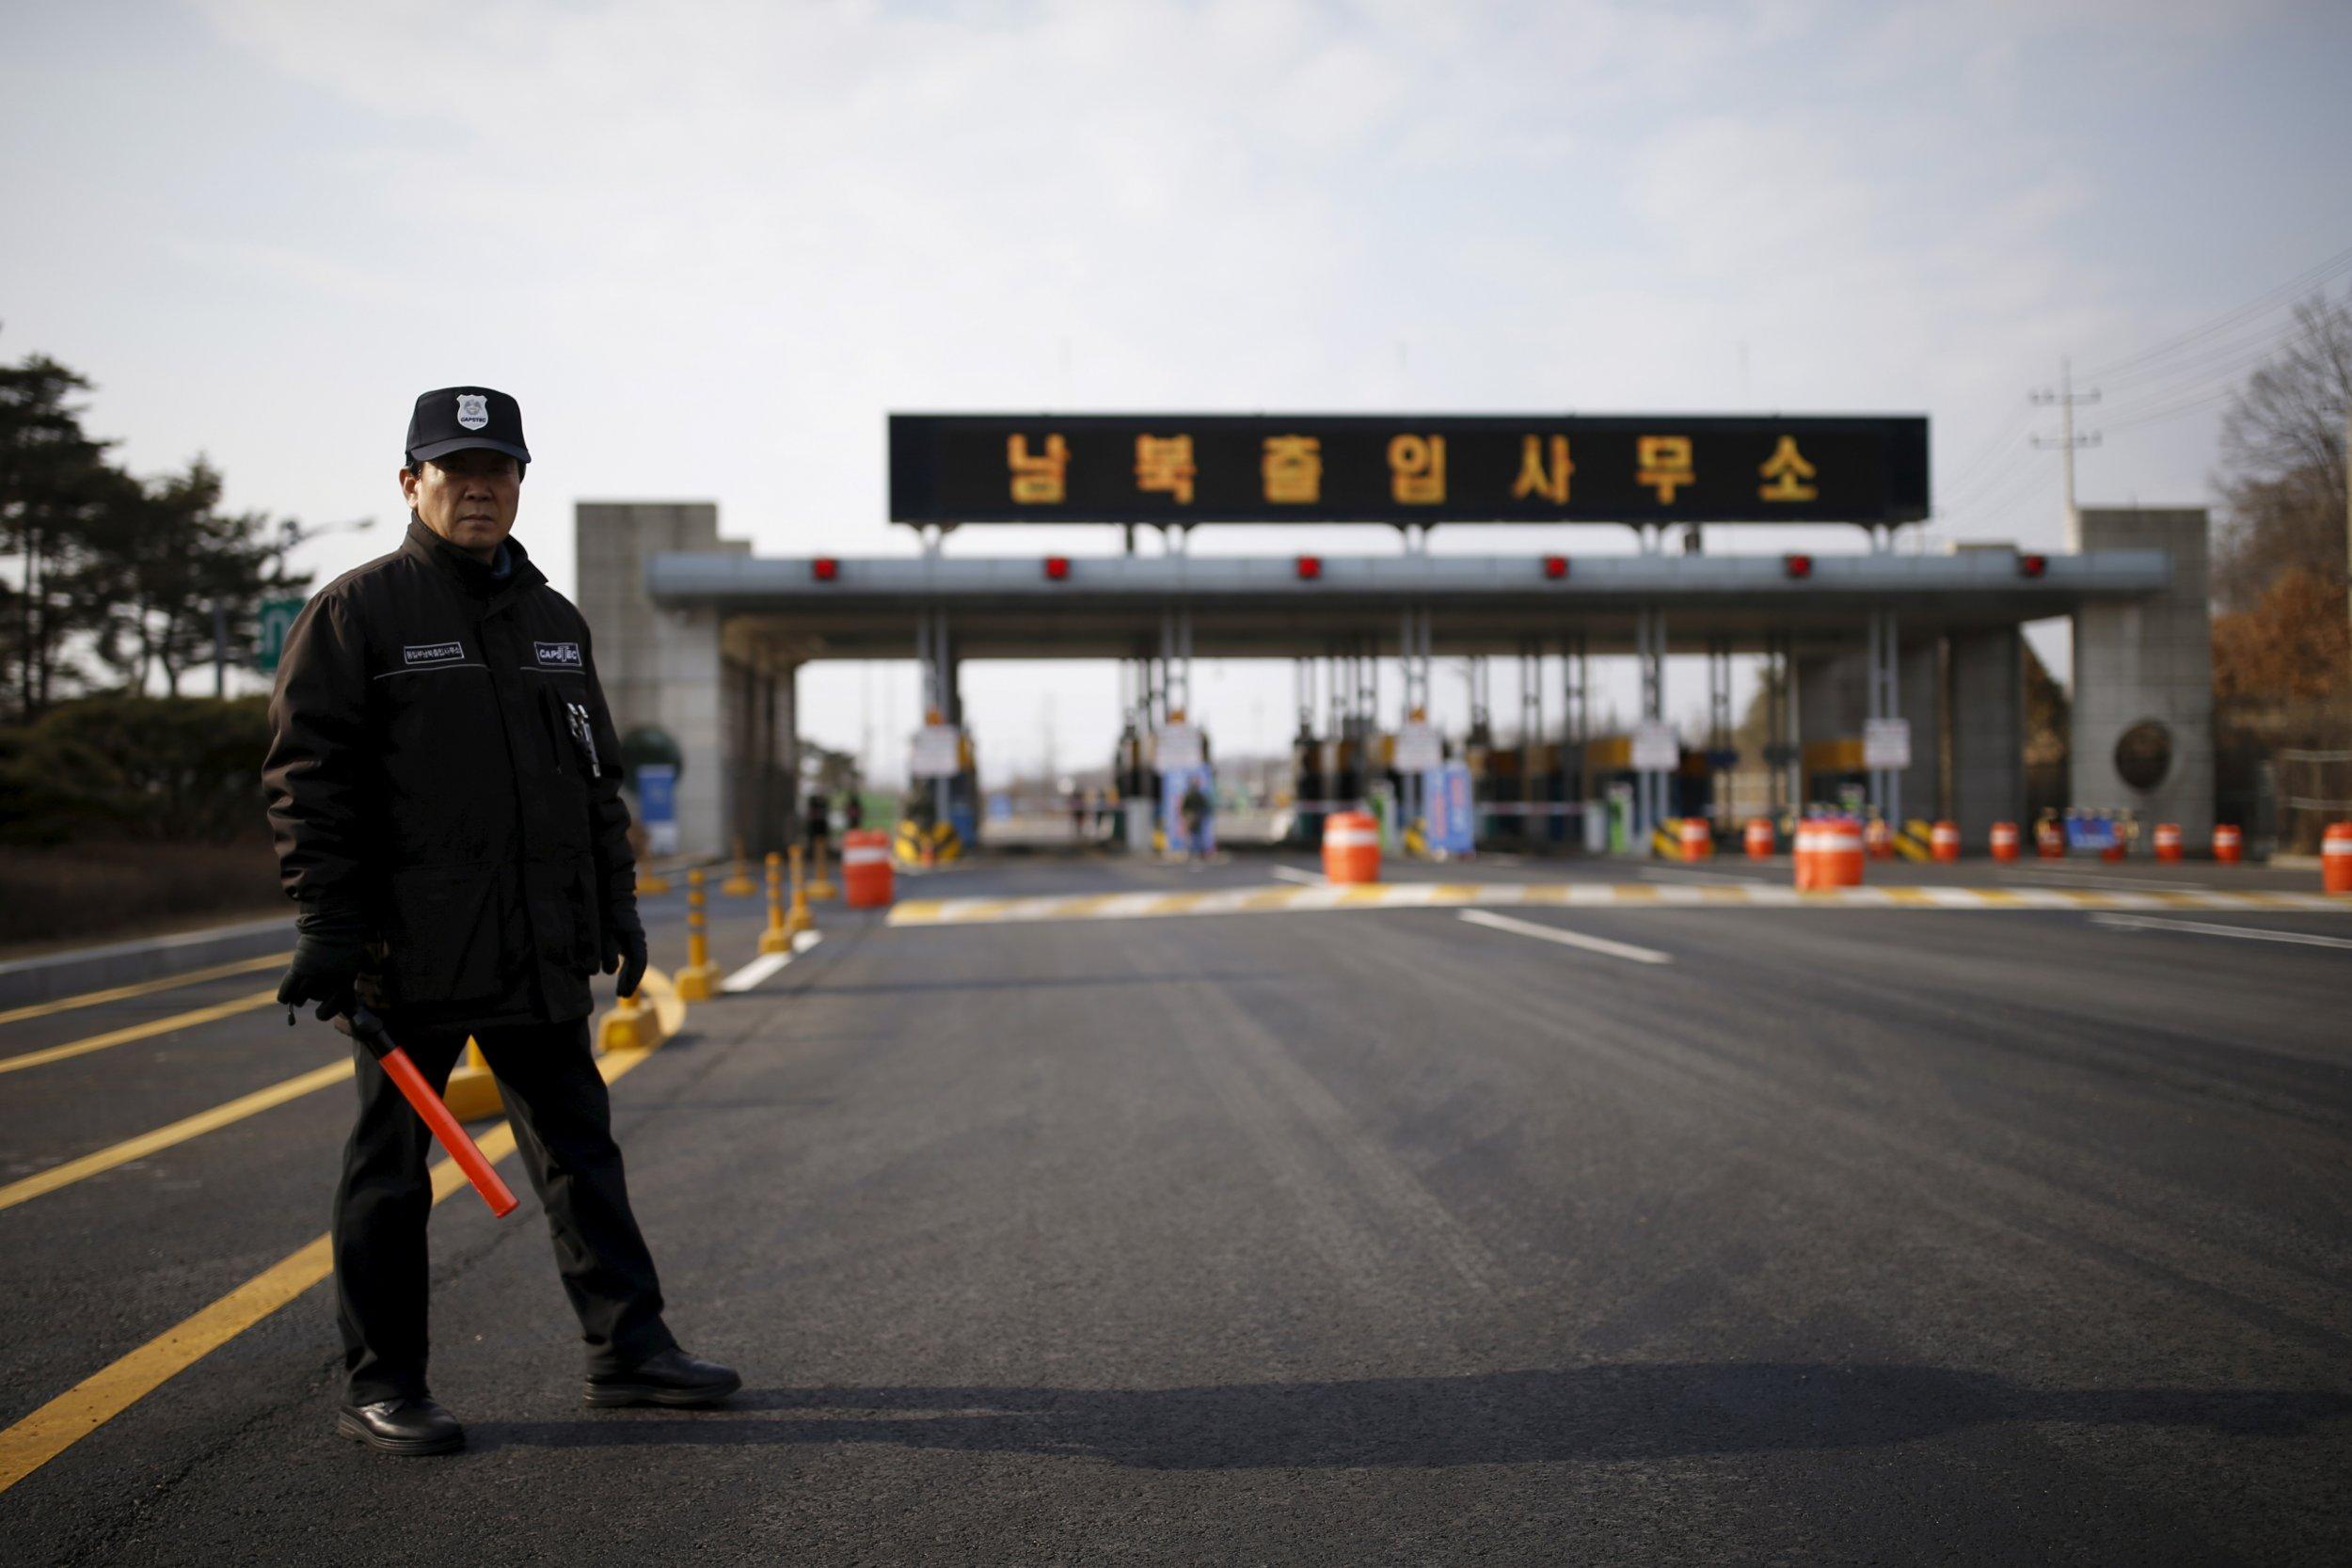 North Korea South Korea Industrial Zone